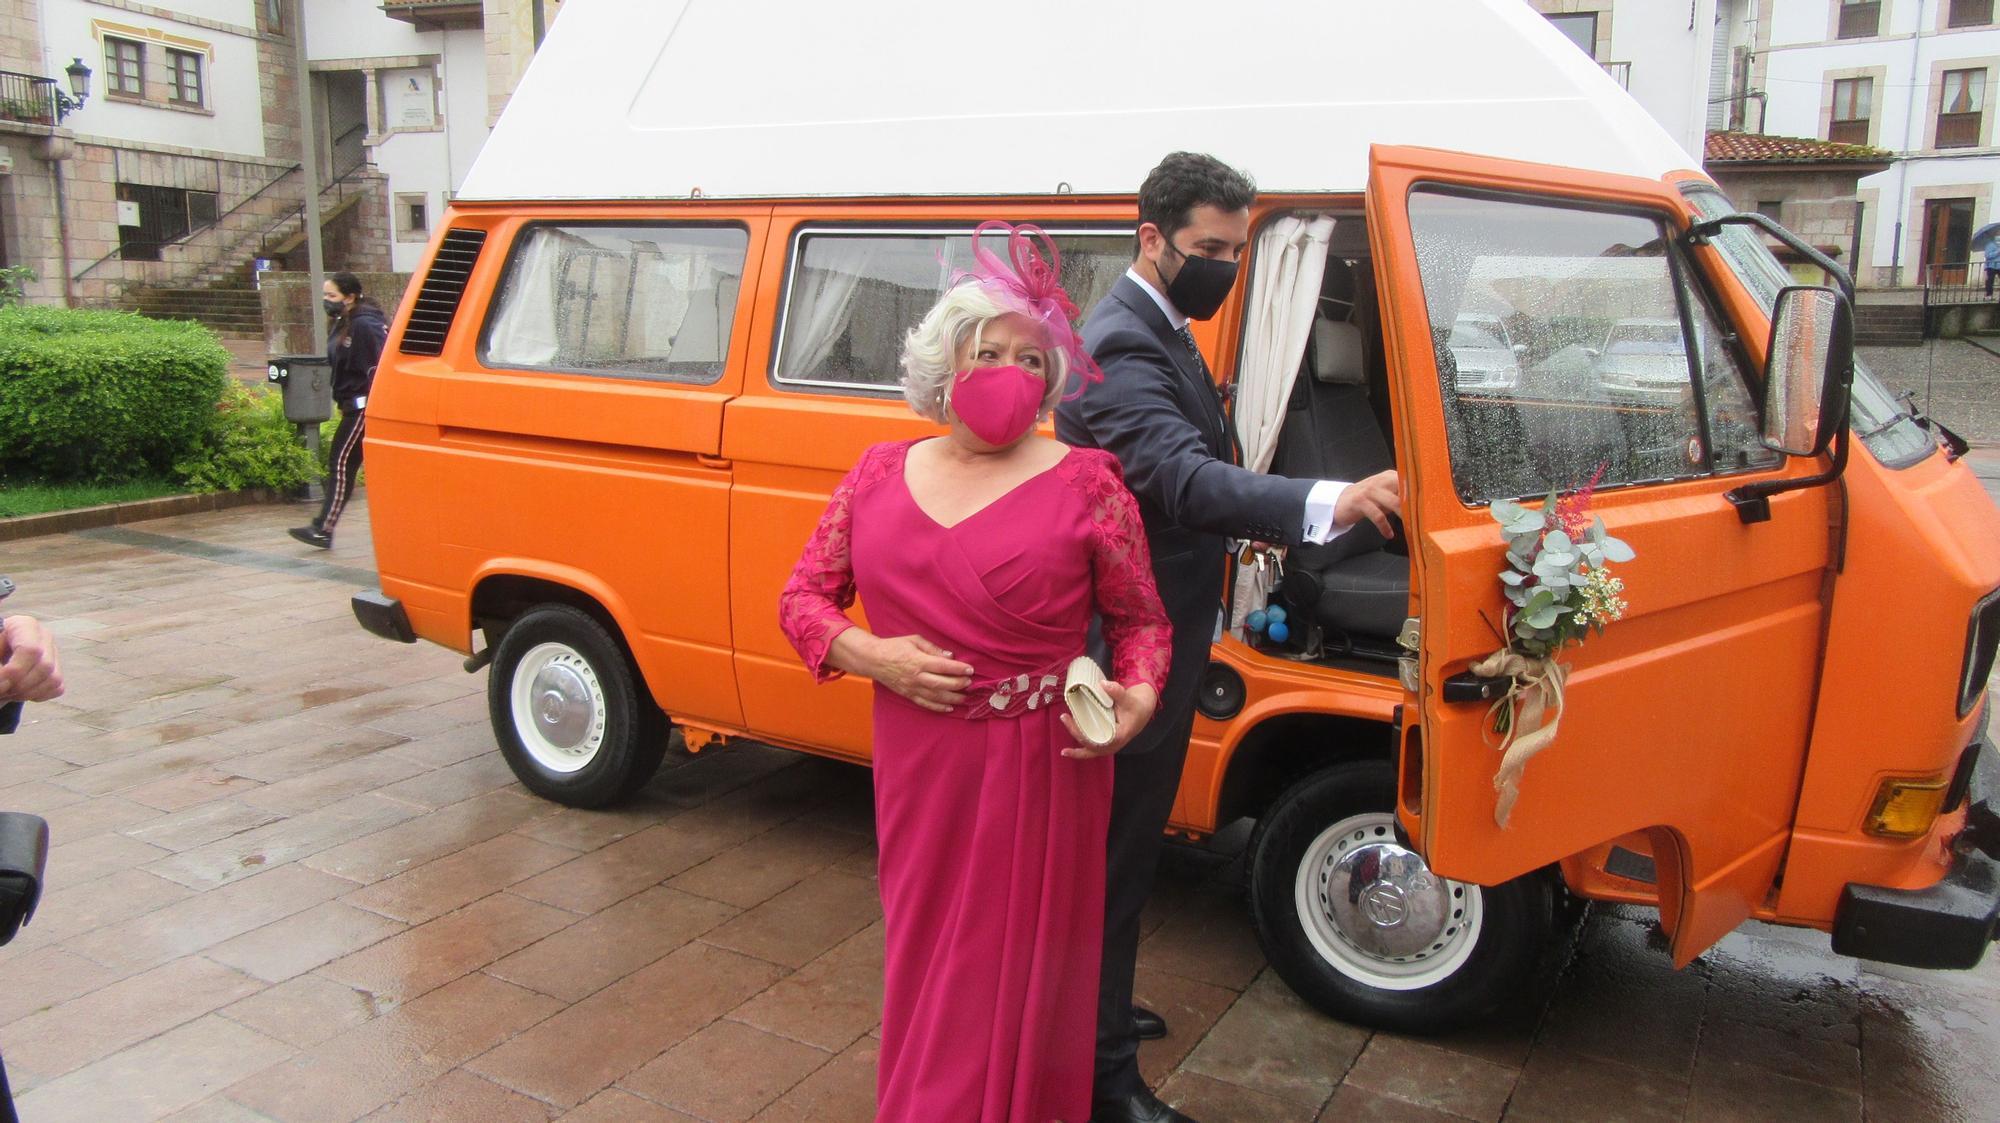 Las bodas que vuelven tras el estado de alarma: la primera del año en Cangas de Onís